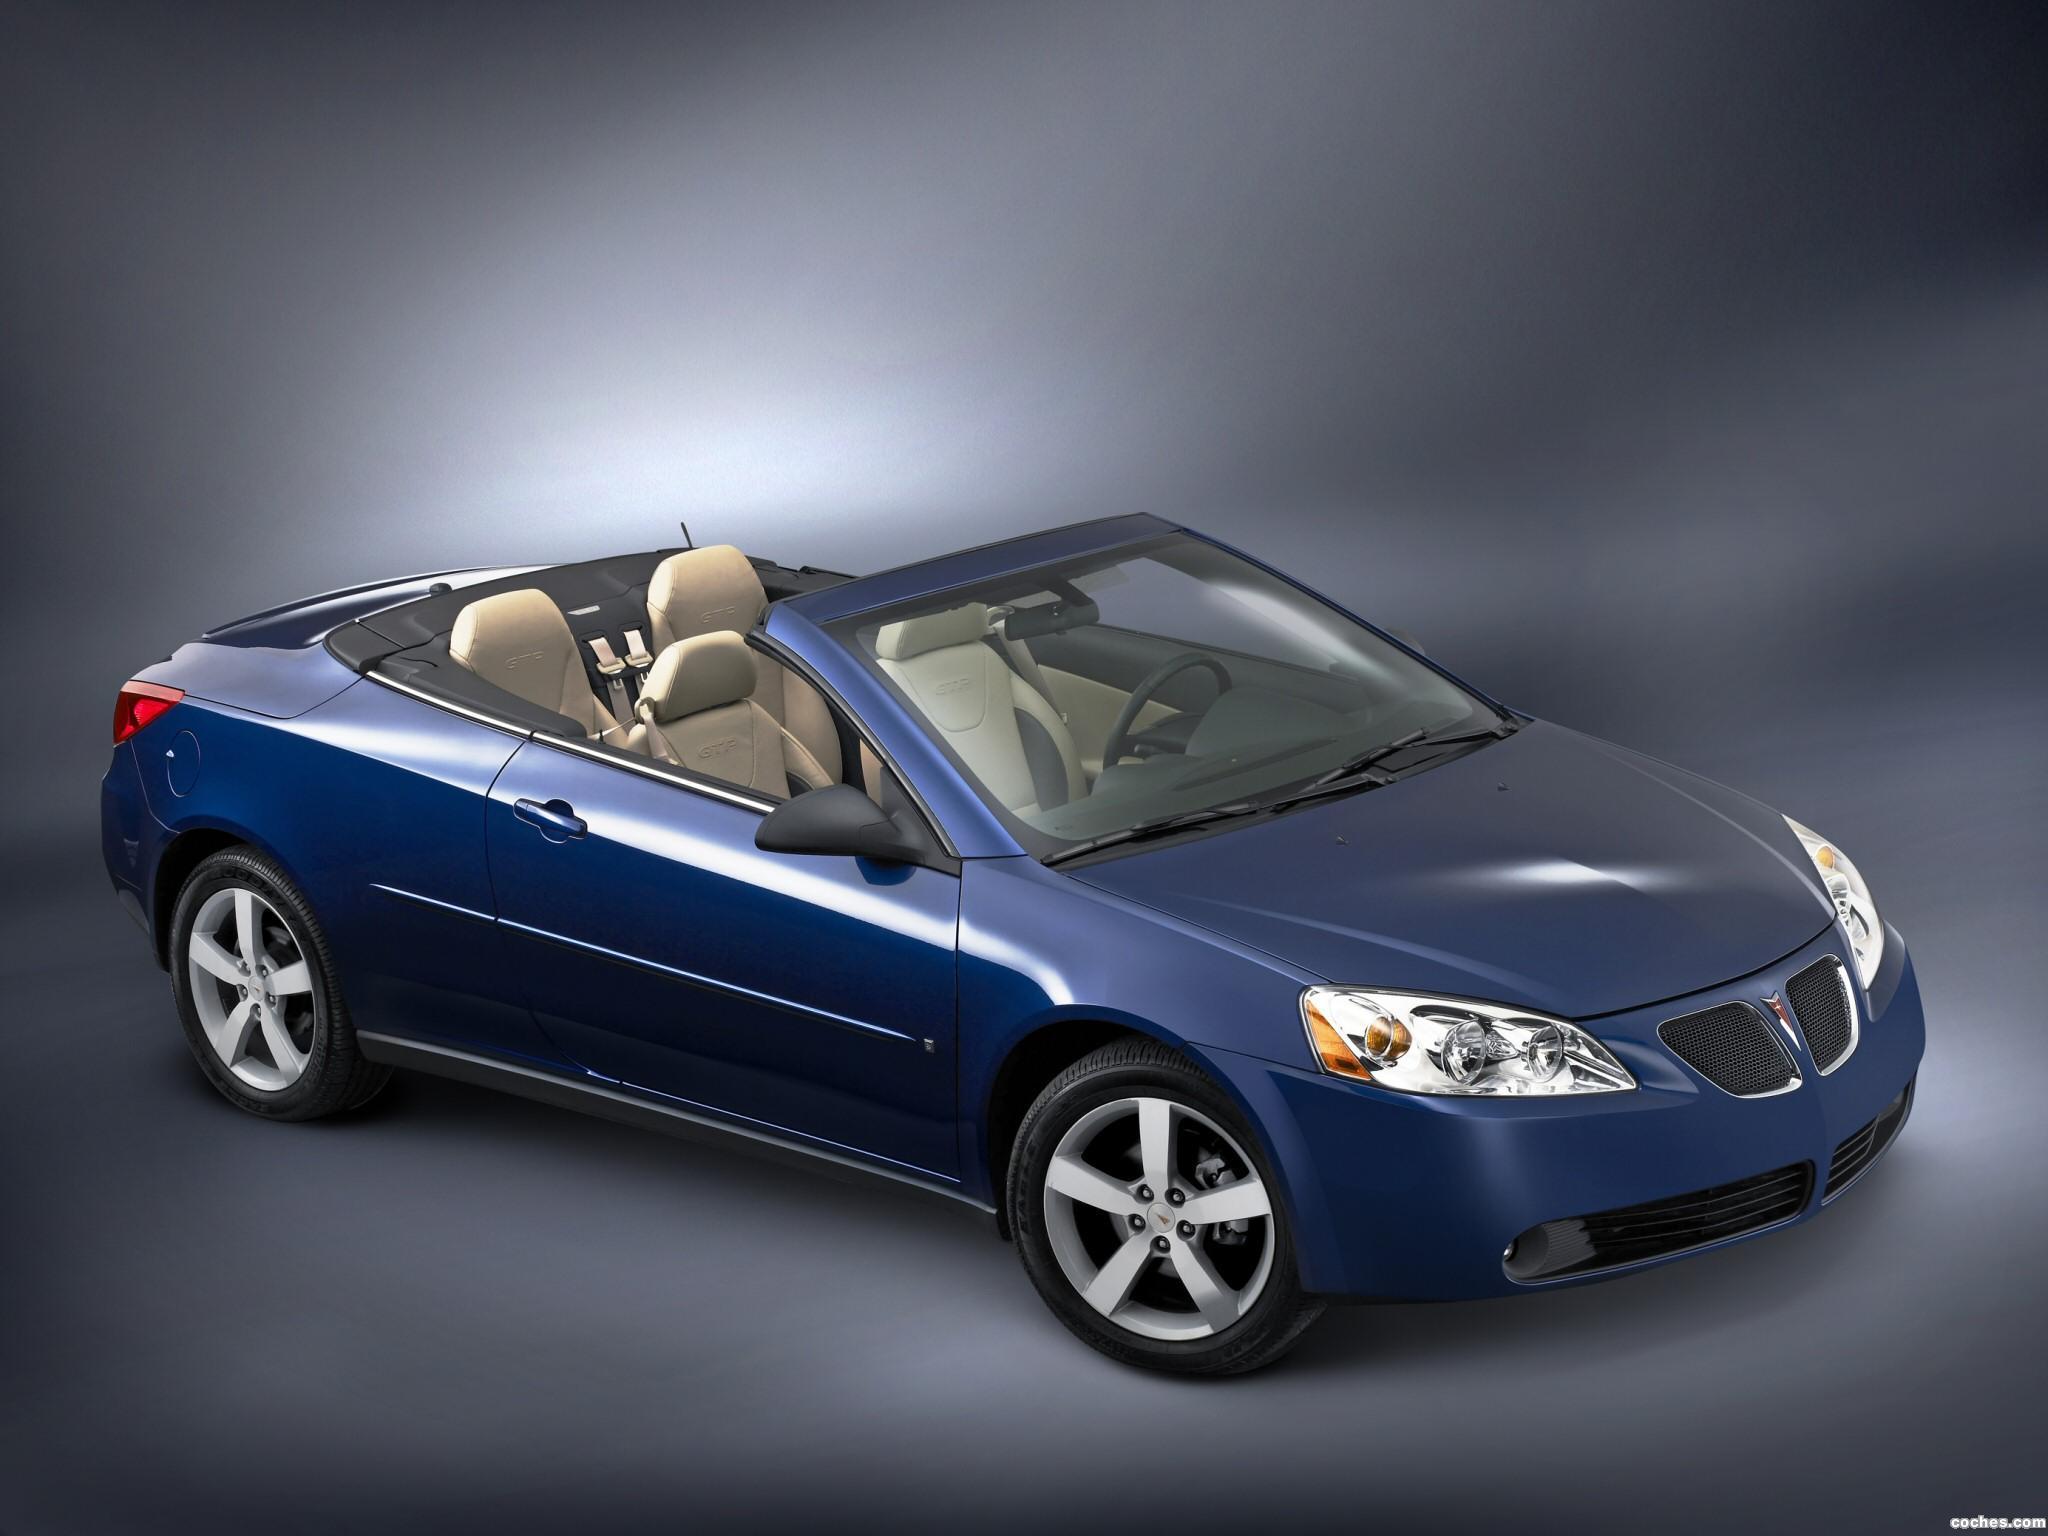 Foto 0 de Pontiac G6 Convertible 2007